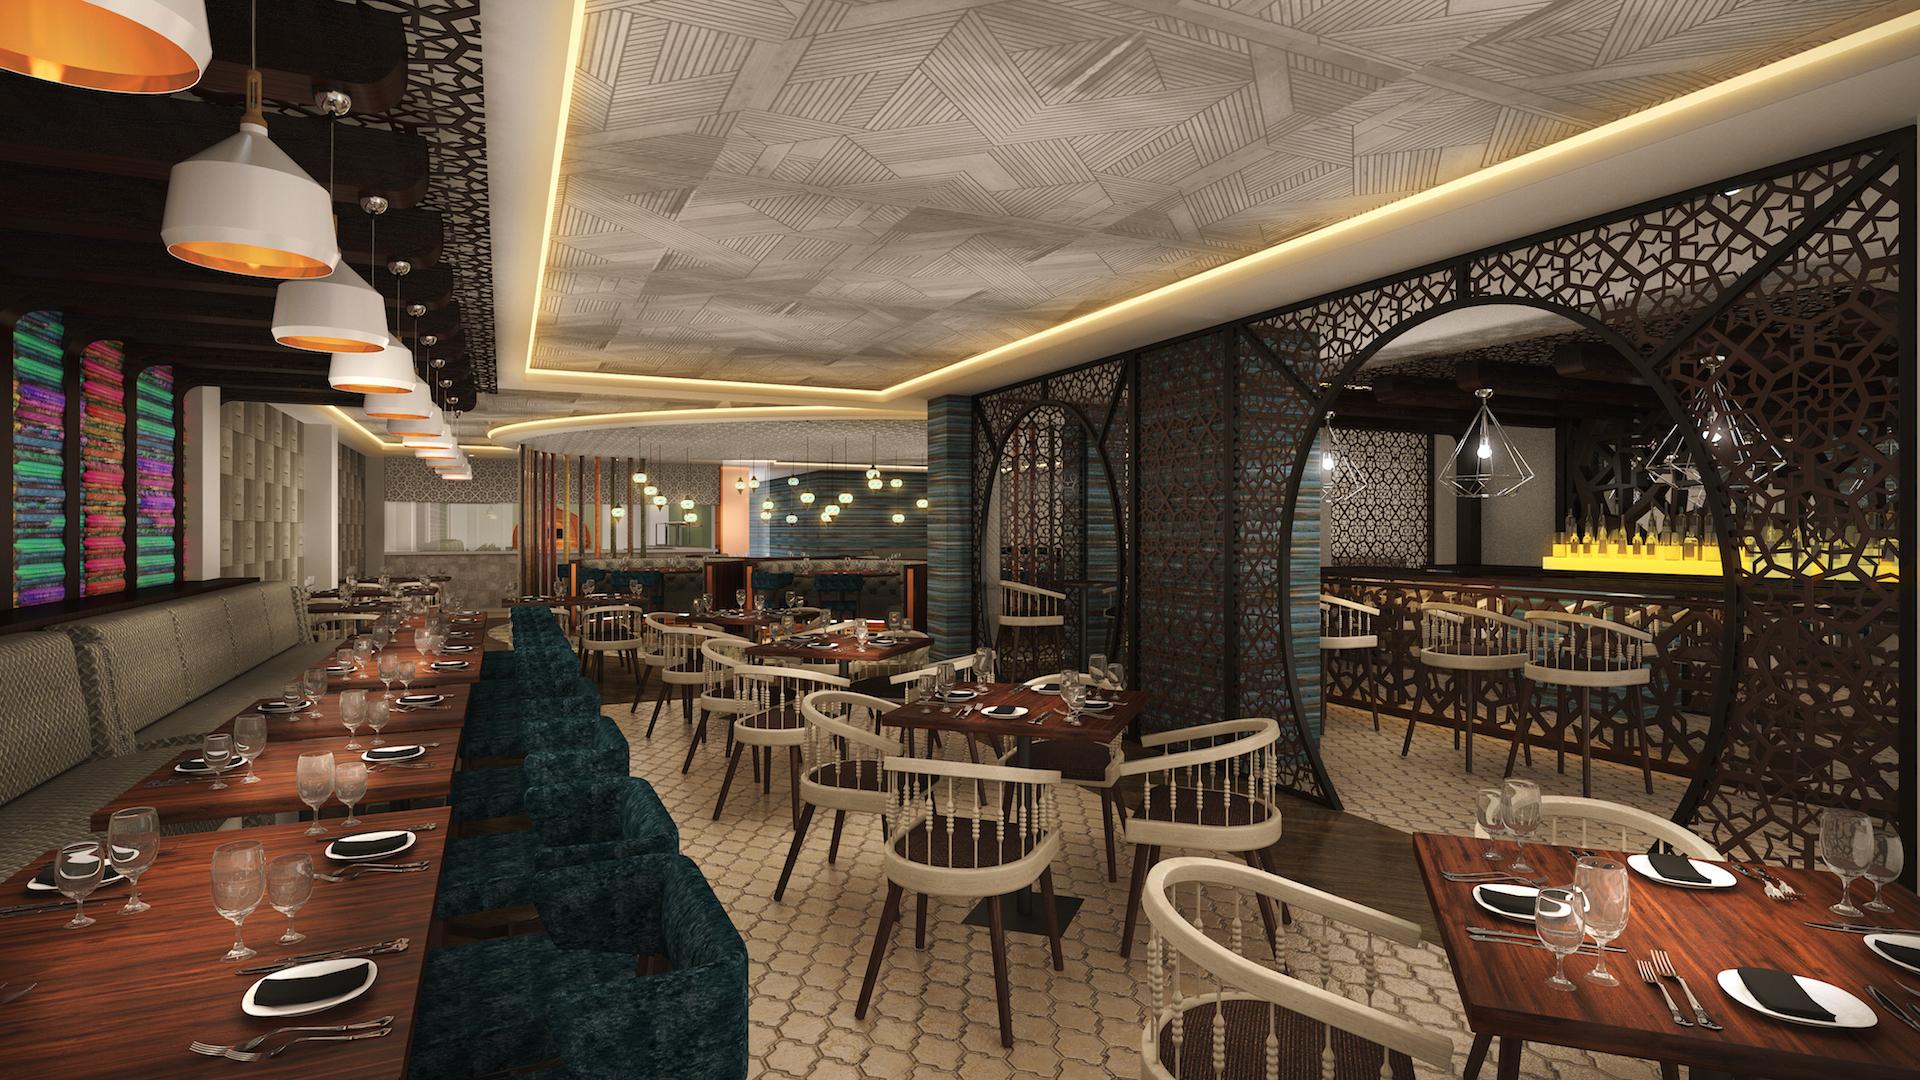 Turkish Restaurant Design.jpg